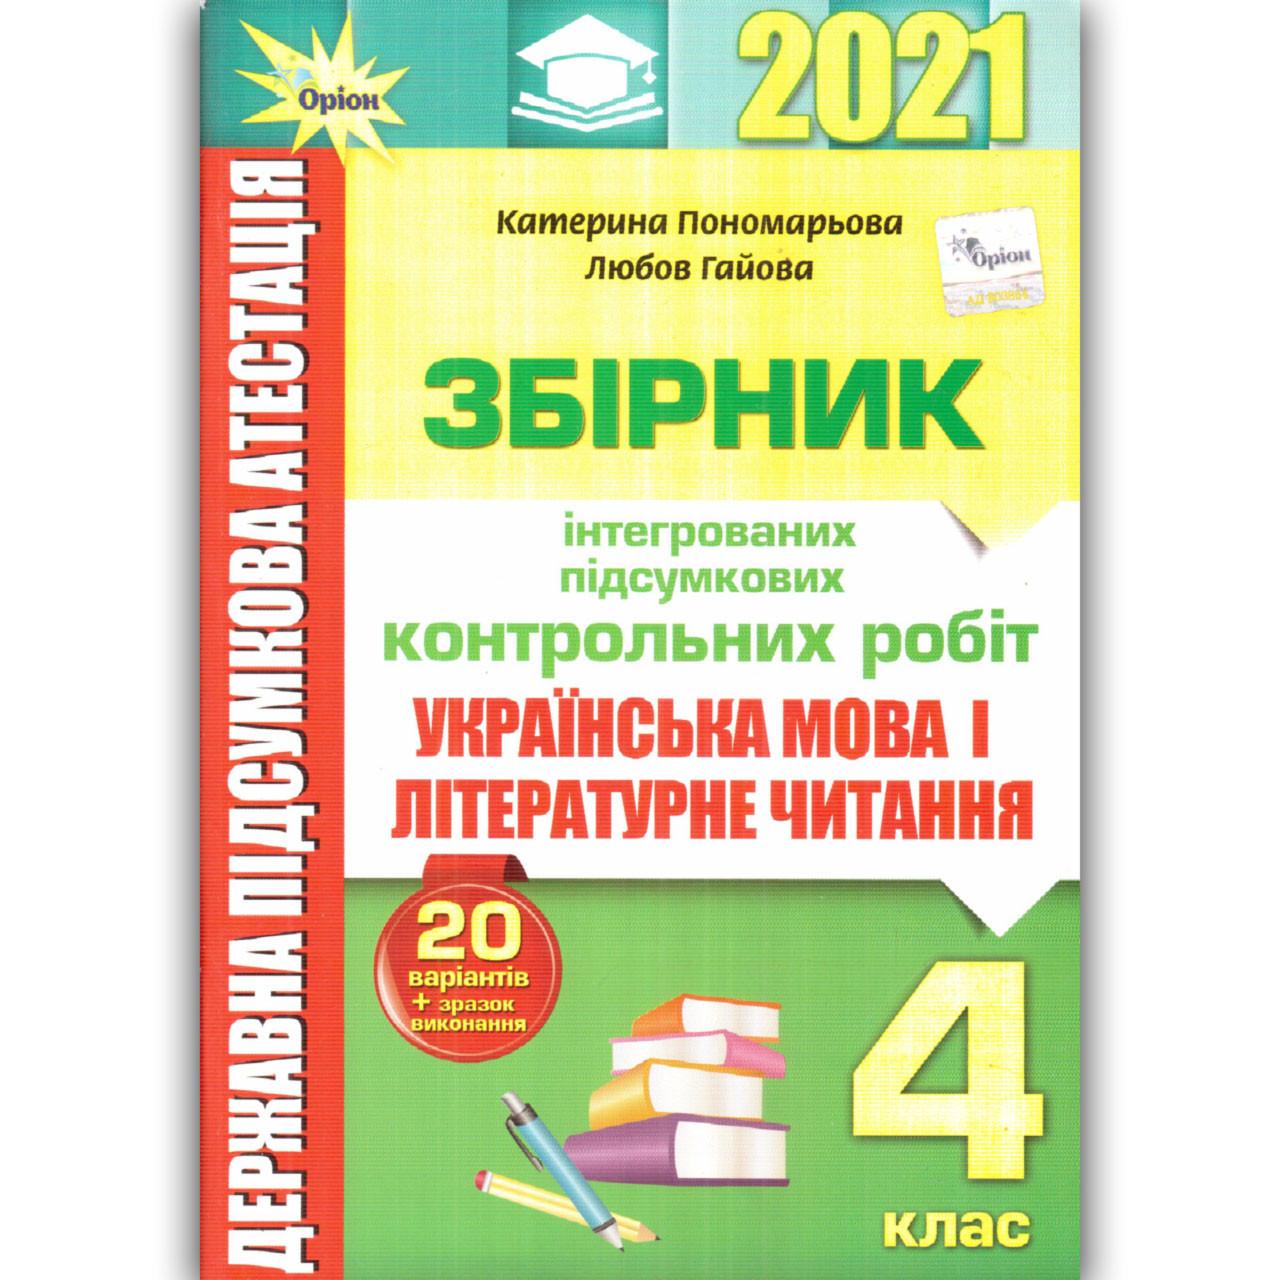 ДПА 4 клас 2021 Українська мова Літературне читання Авт: Пономарьова К. Вид: Оріон